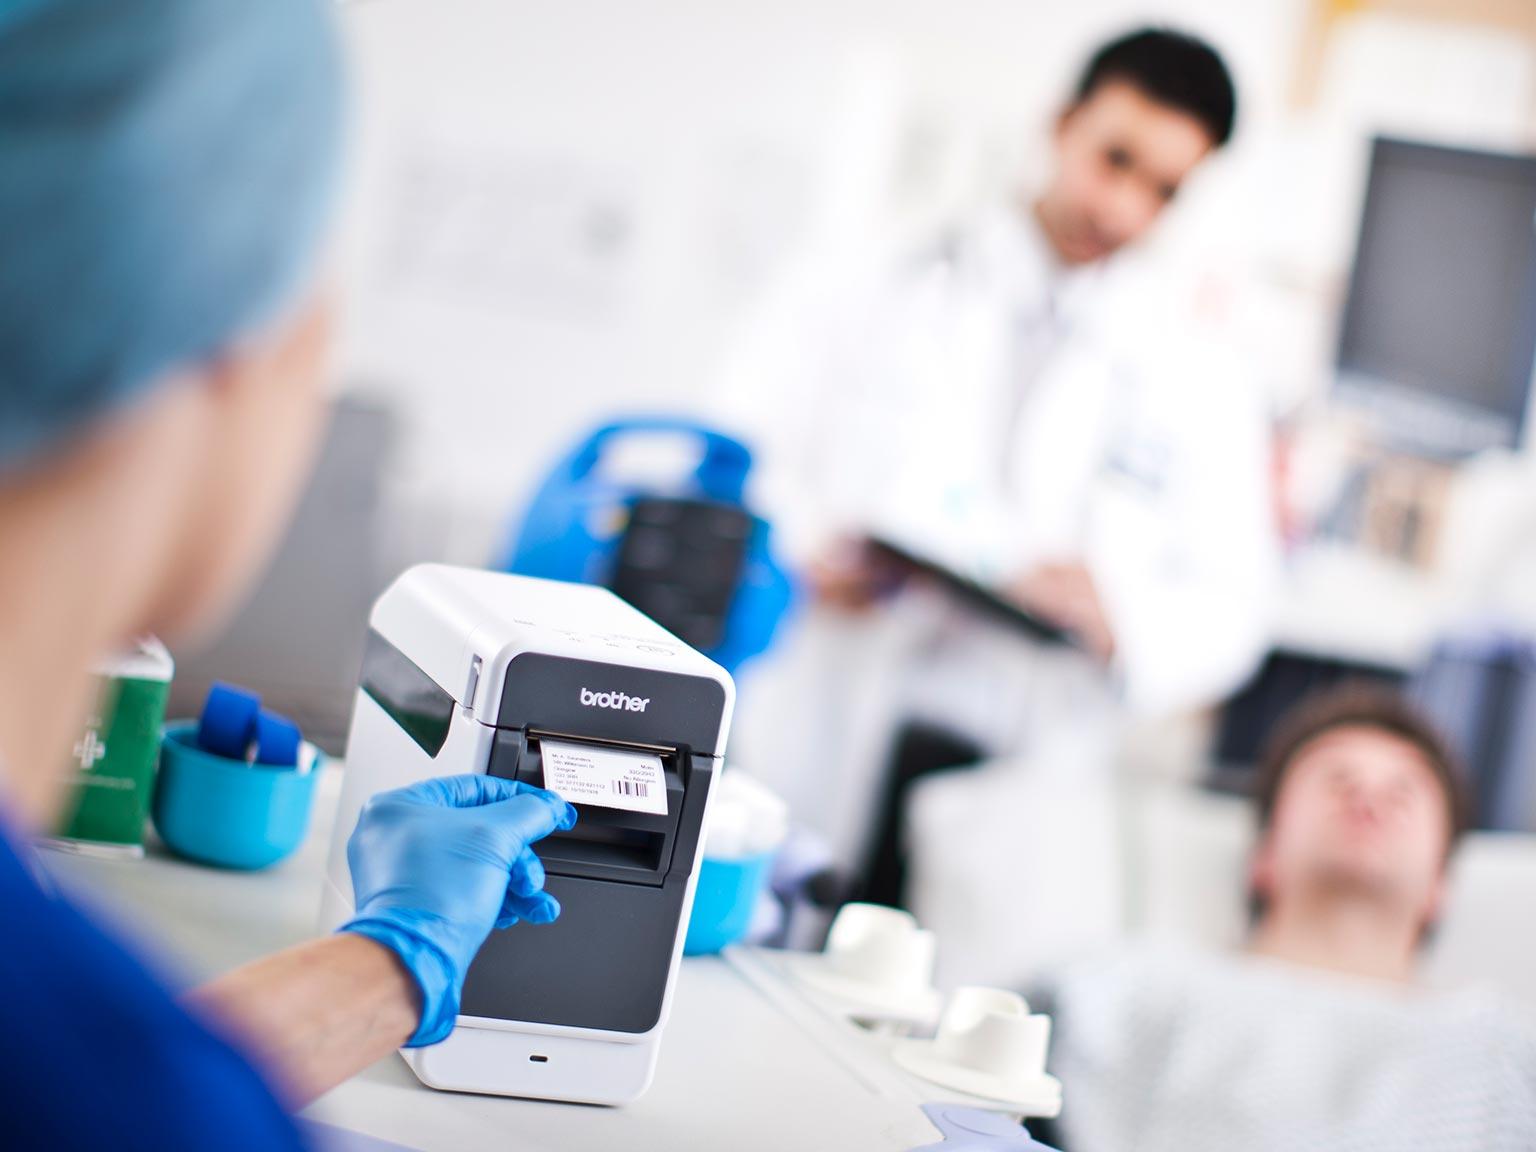 seria drukarek etykiet Brother TD2 w środowisku medycznym, pielęgniarka odbiera wydrukowaną etykietę